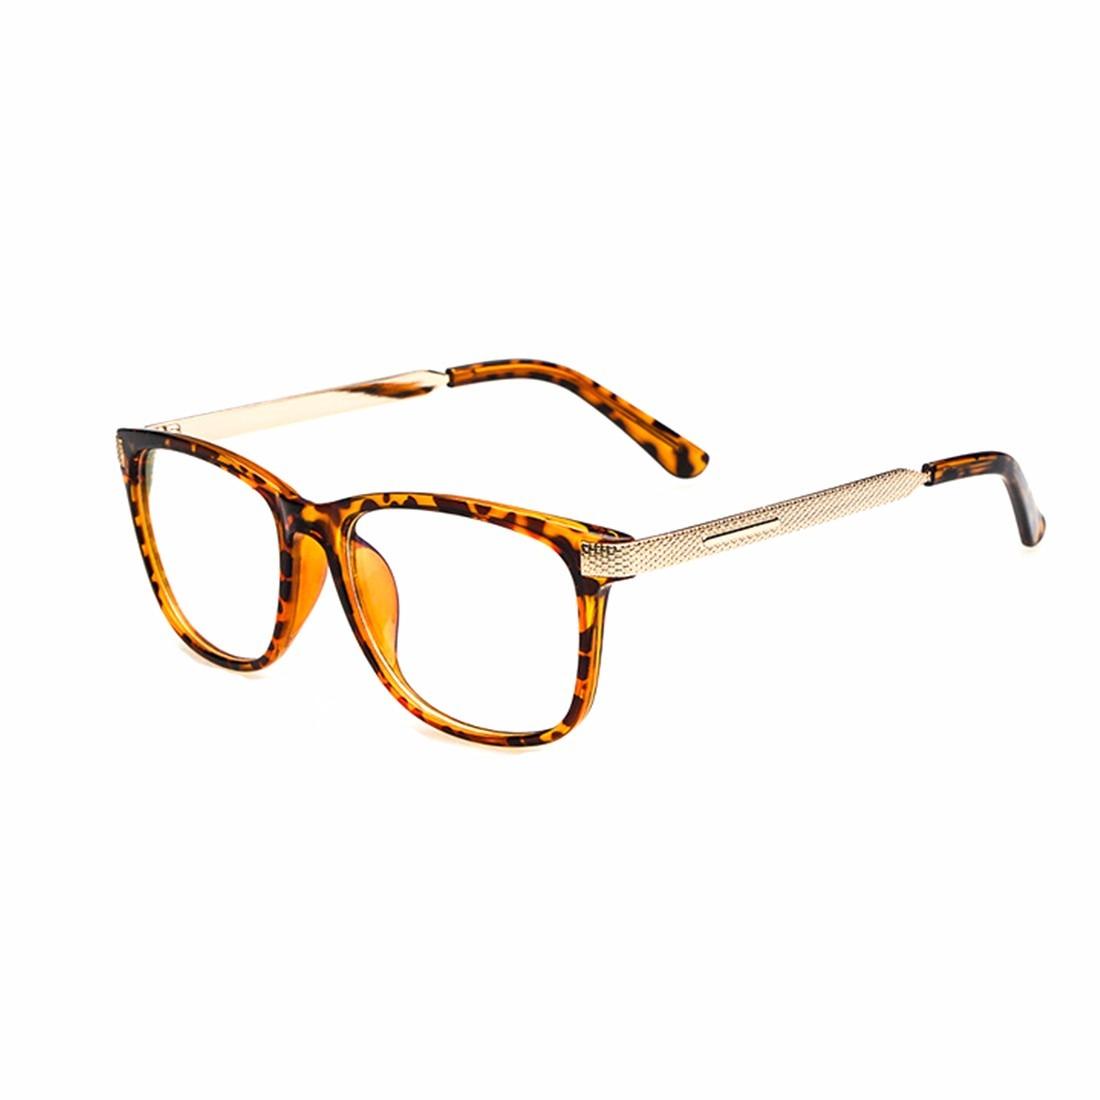 7e427d08a5da1 armação óculos grau - acetato quadrada leopardo feminino da. Carregando zoom .